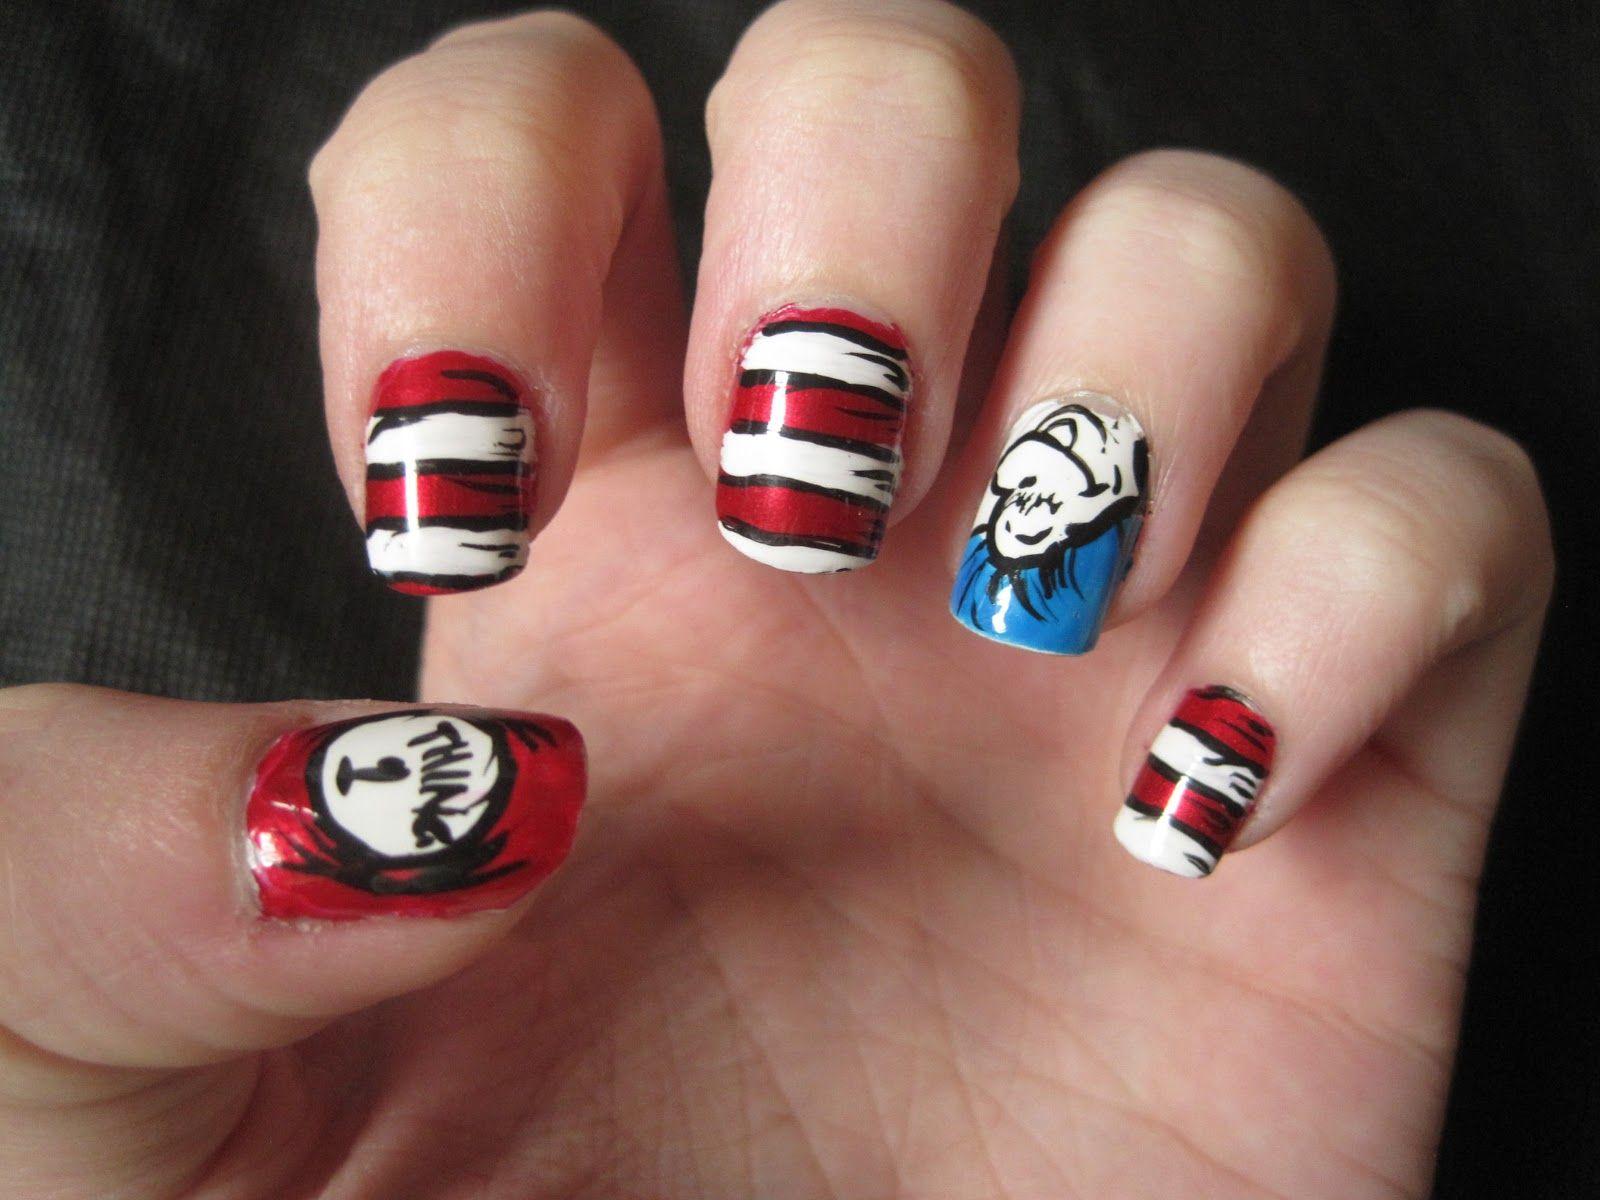 Dr. Seuss\' Thing1/Thing2 Nails | Nails/Fashion | Pinterest | Nail ...